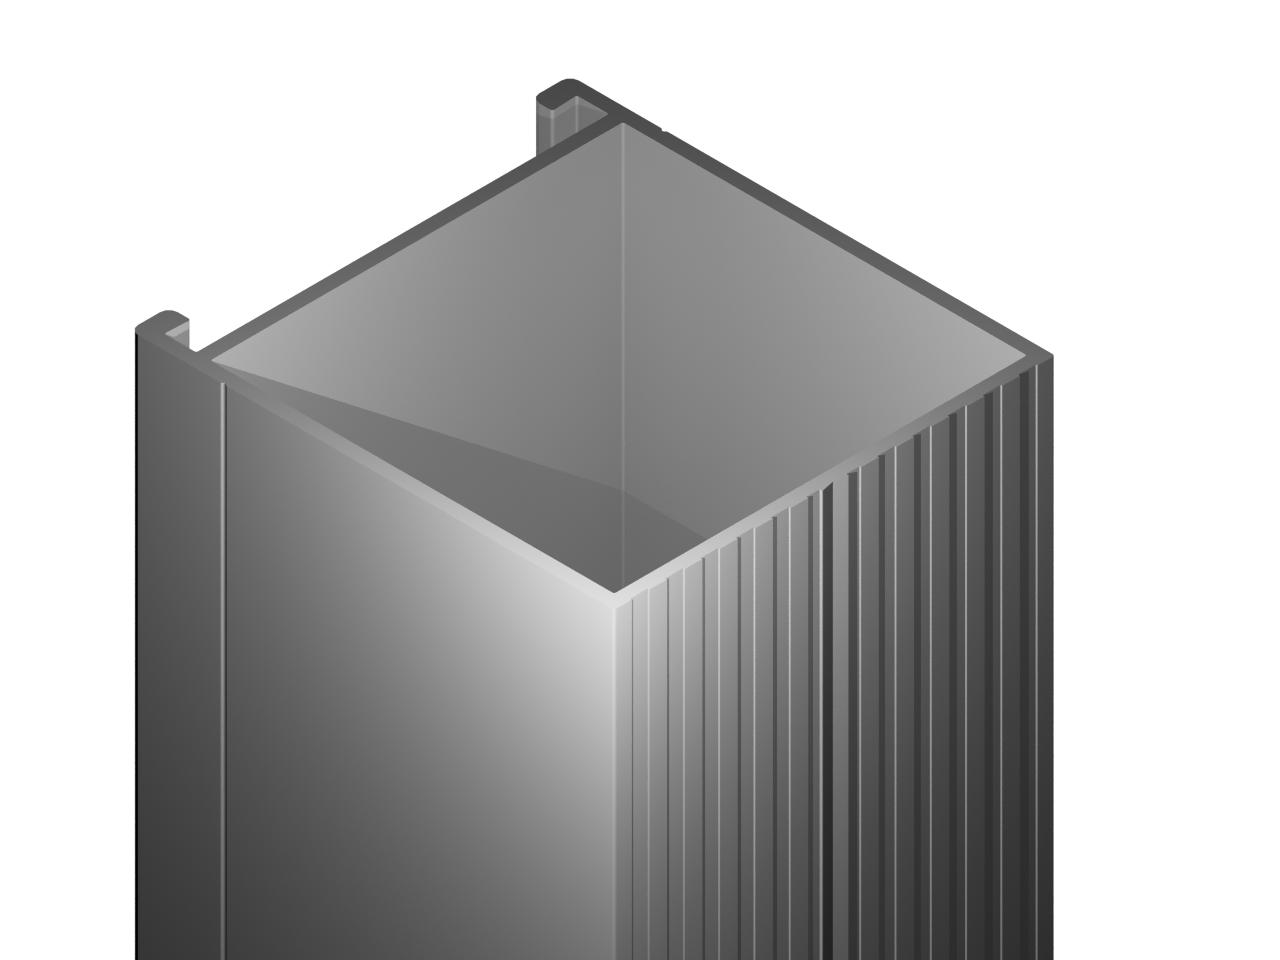 Aluminum profile A-24.4